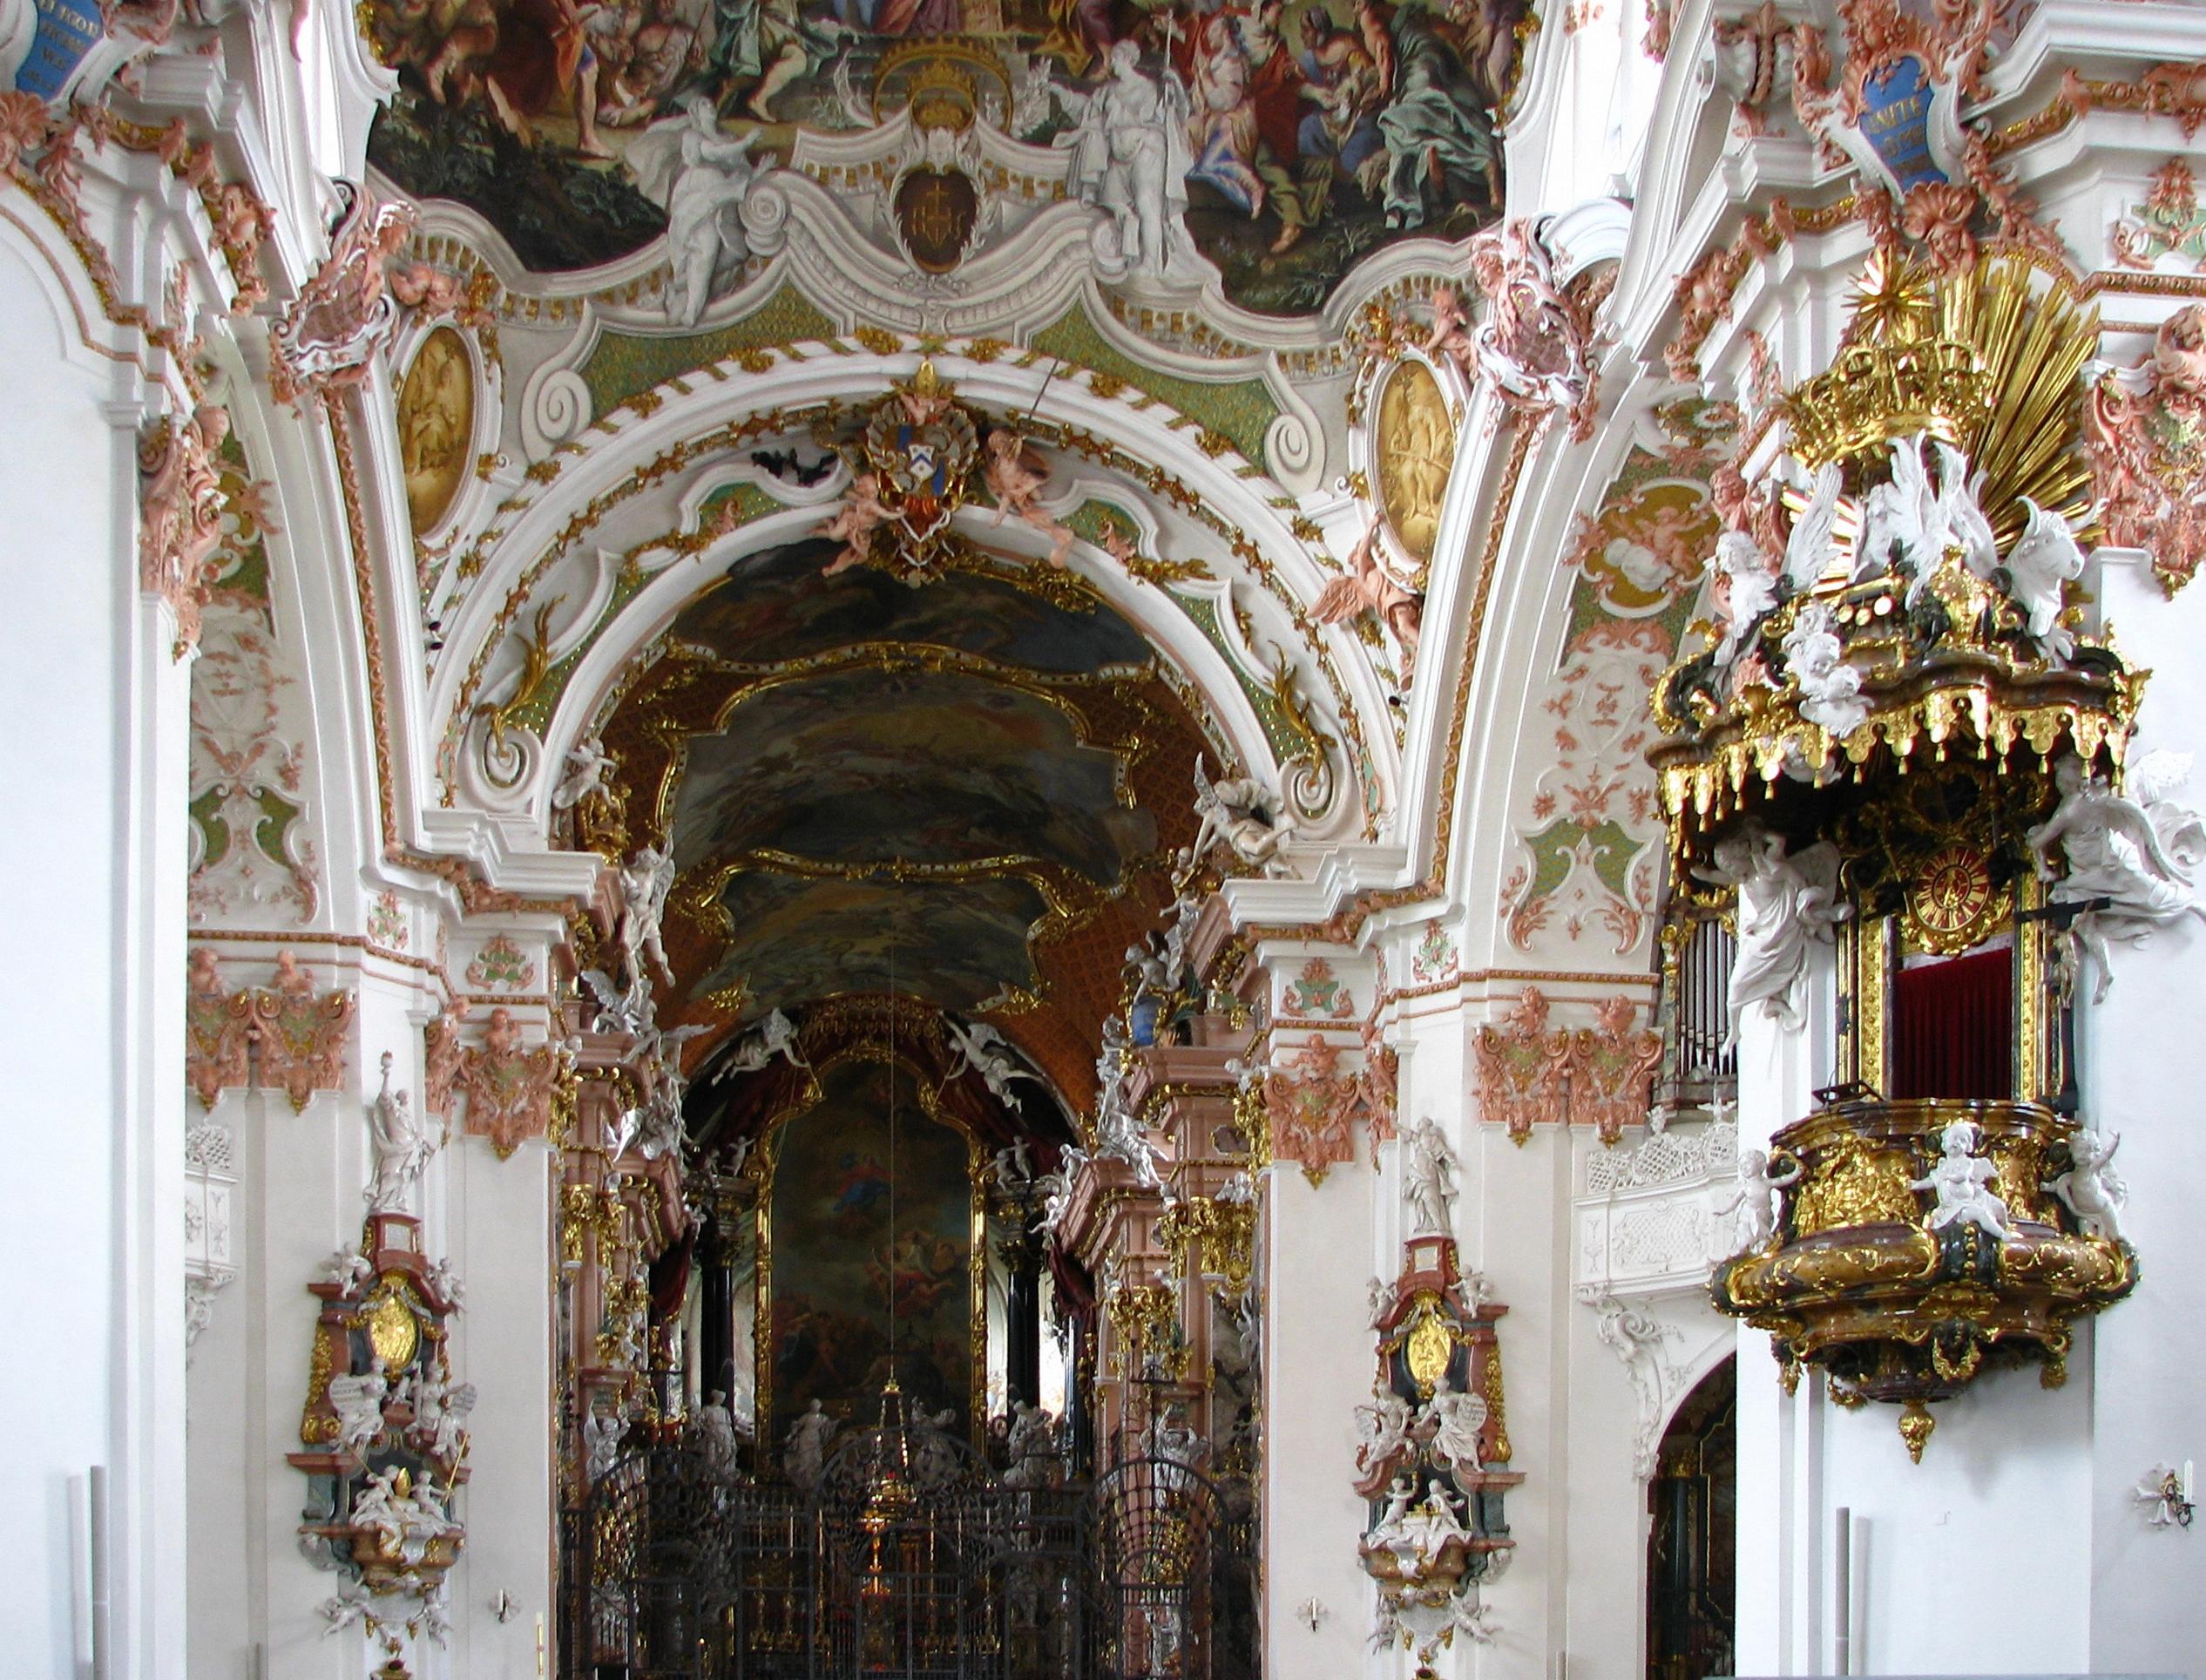 Kloster_Einsiedeln_MG_2738